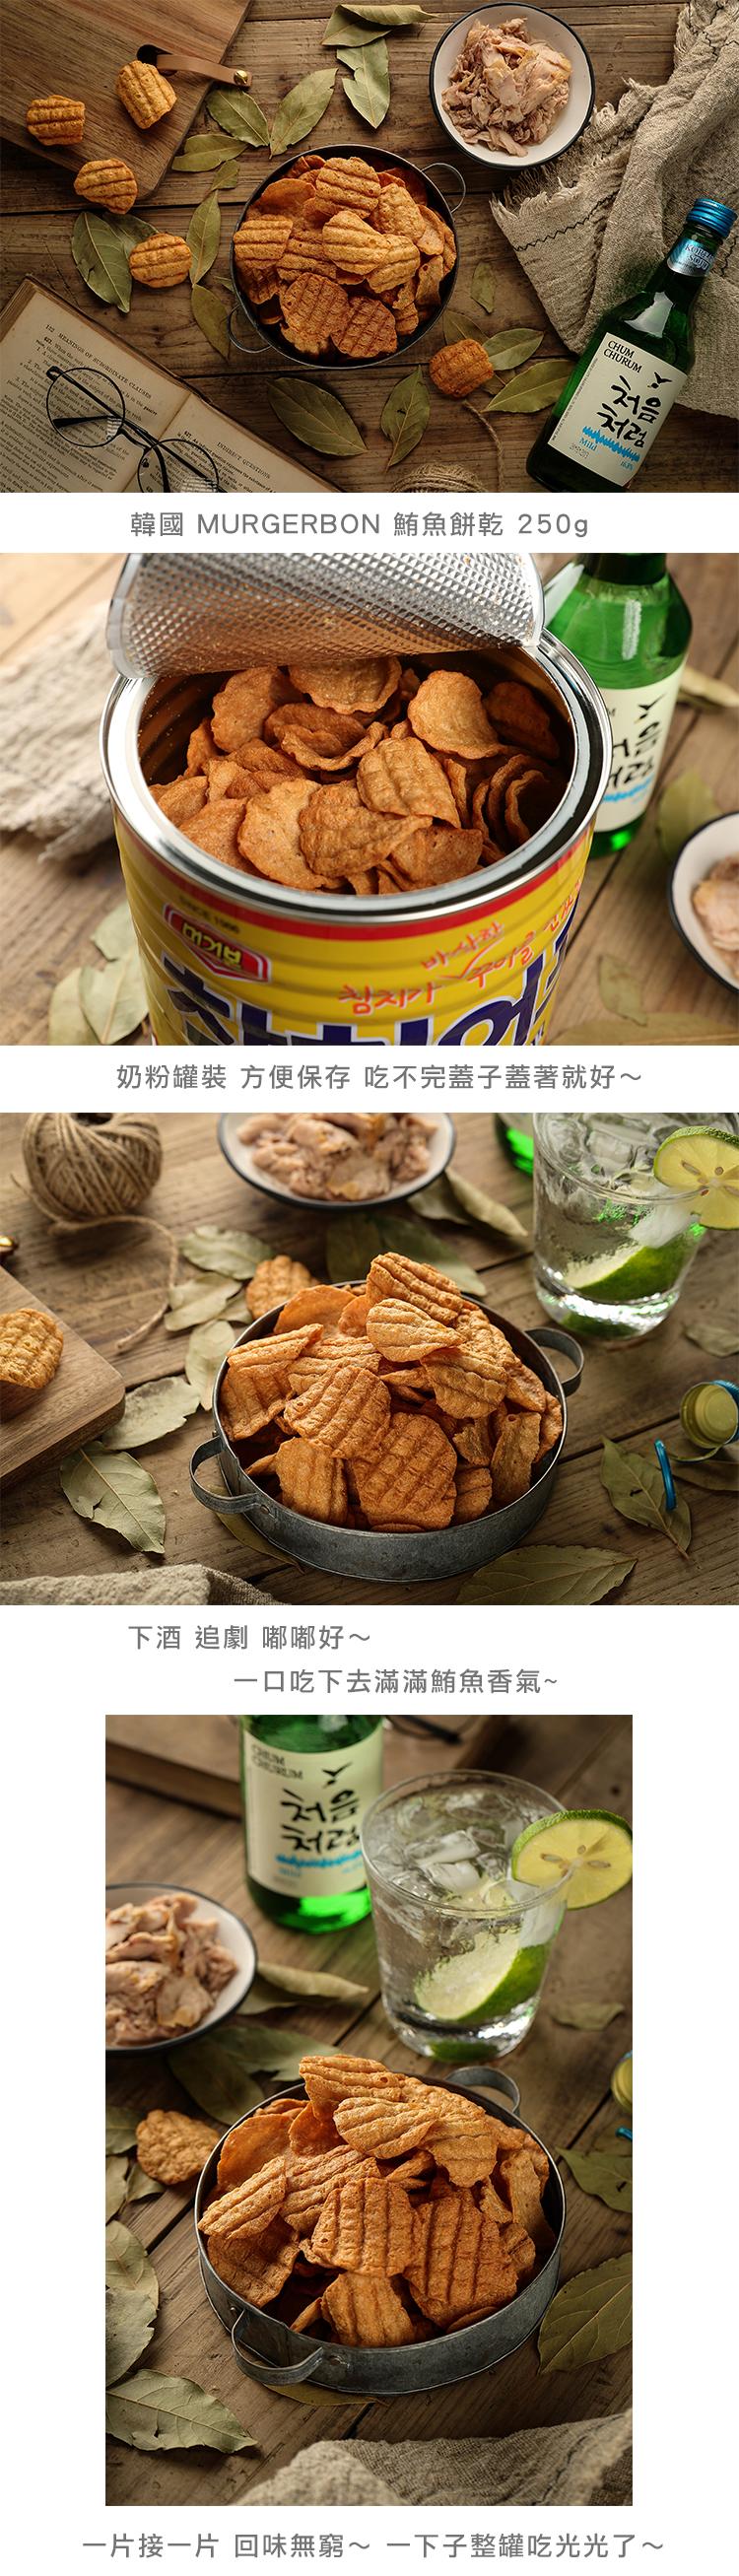 韓國MURGERBON鮪魚餅乾EC